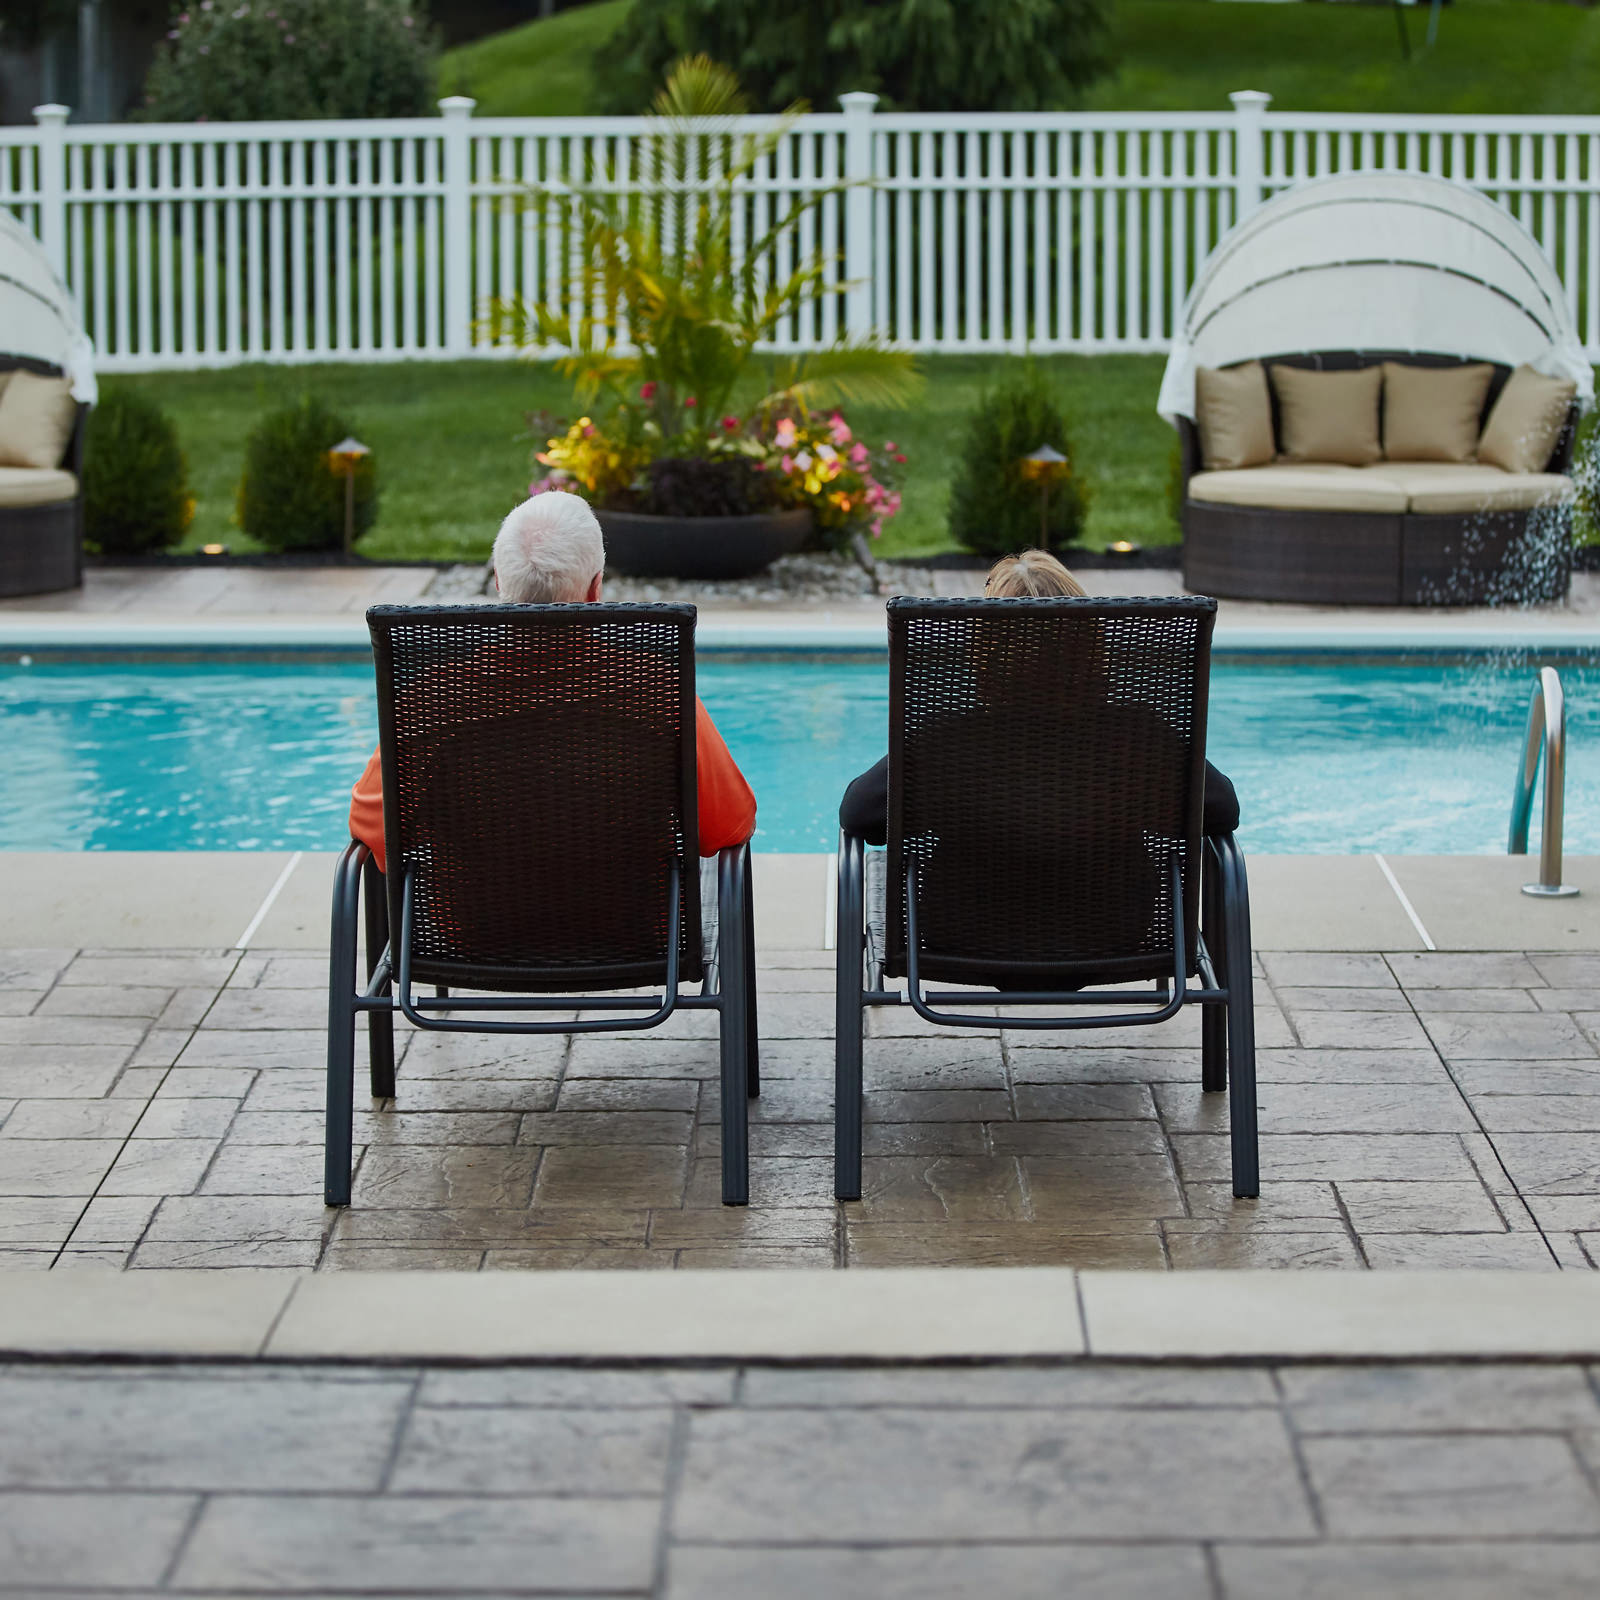 Landscape Design Services | MasterPLAN Outdoor Living ... on Masterplan Outdoor Living id=64584